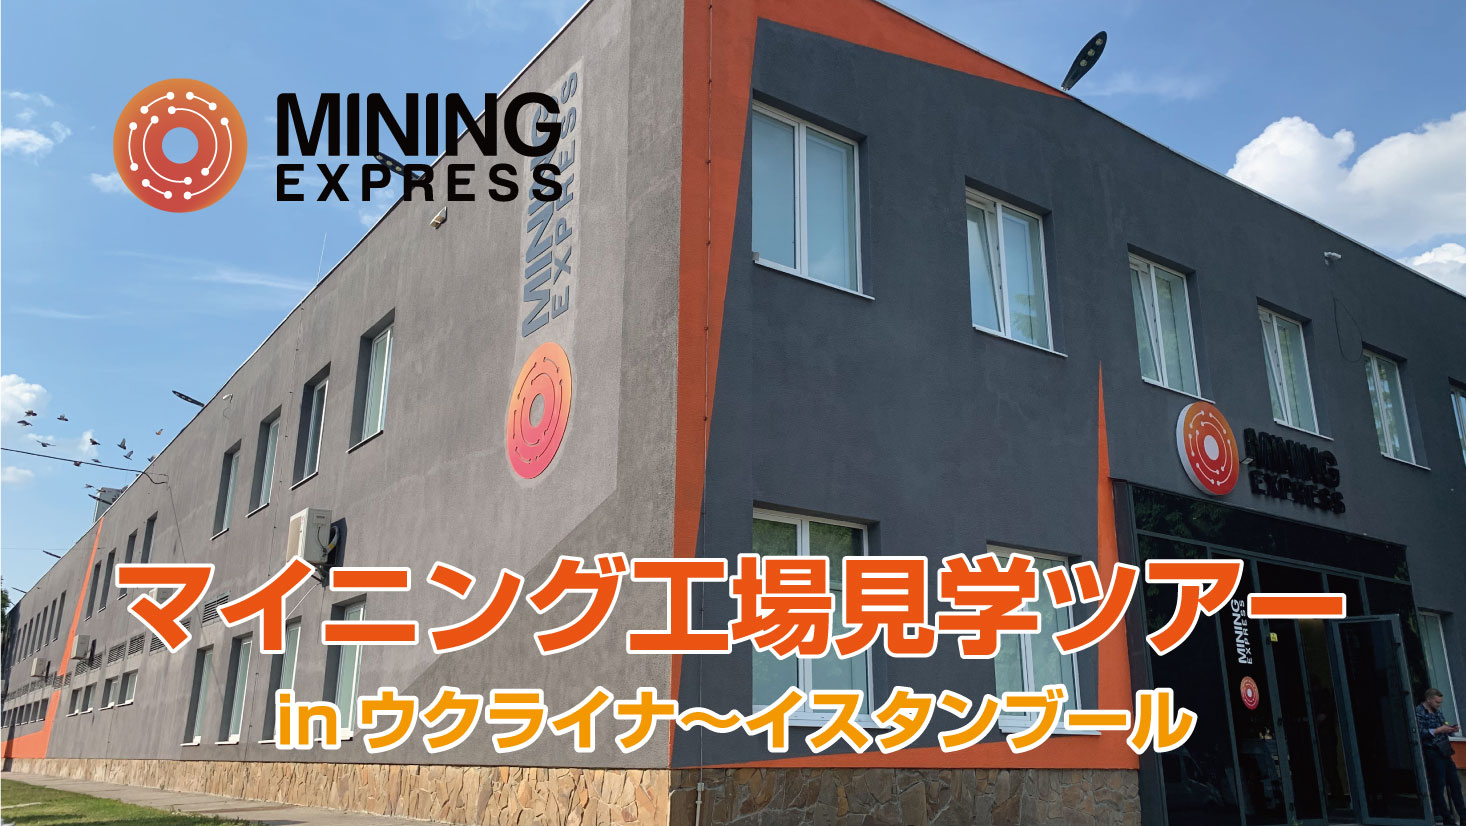 MiningExpress ウクライナのマイニング工場見学ツアー②